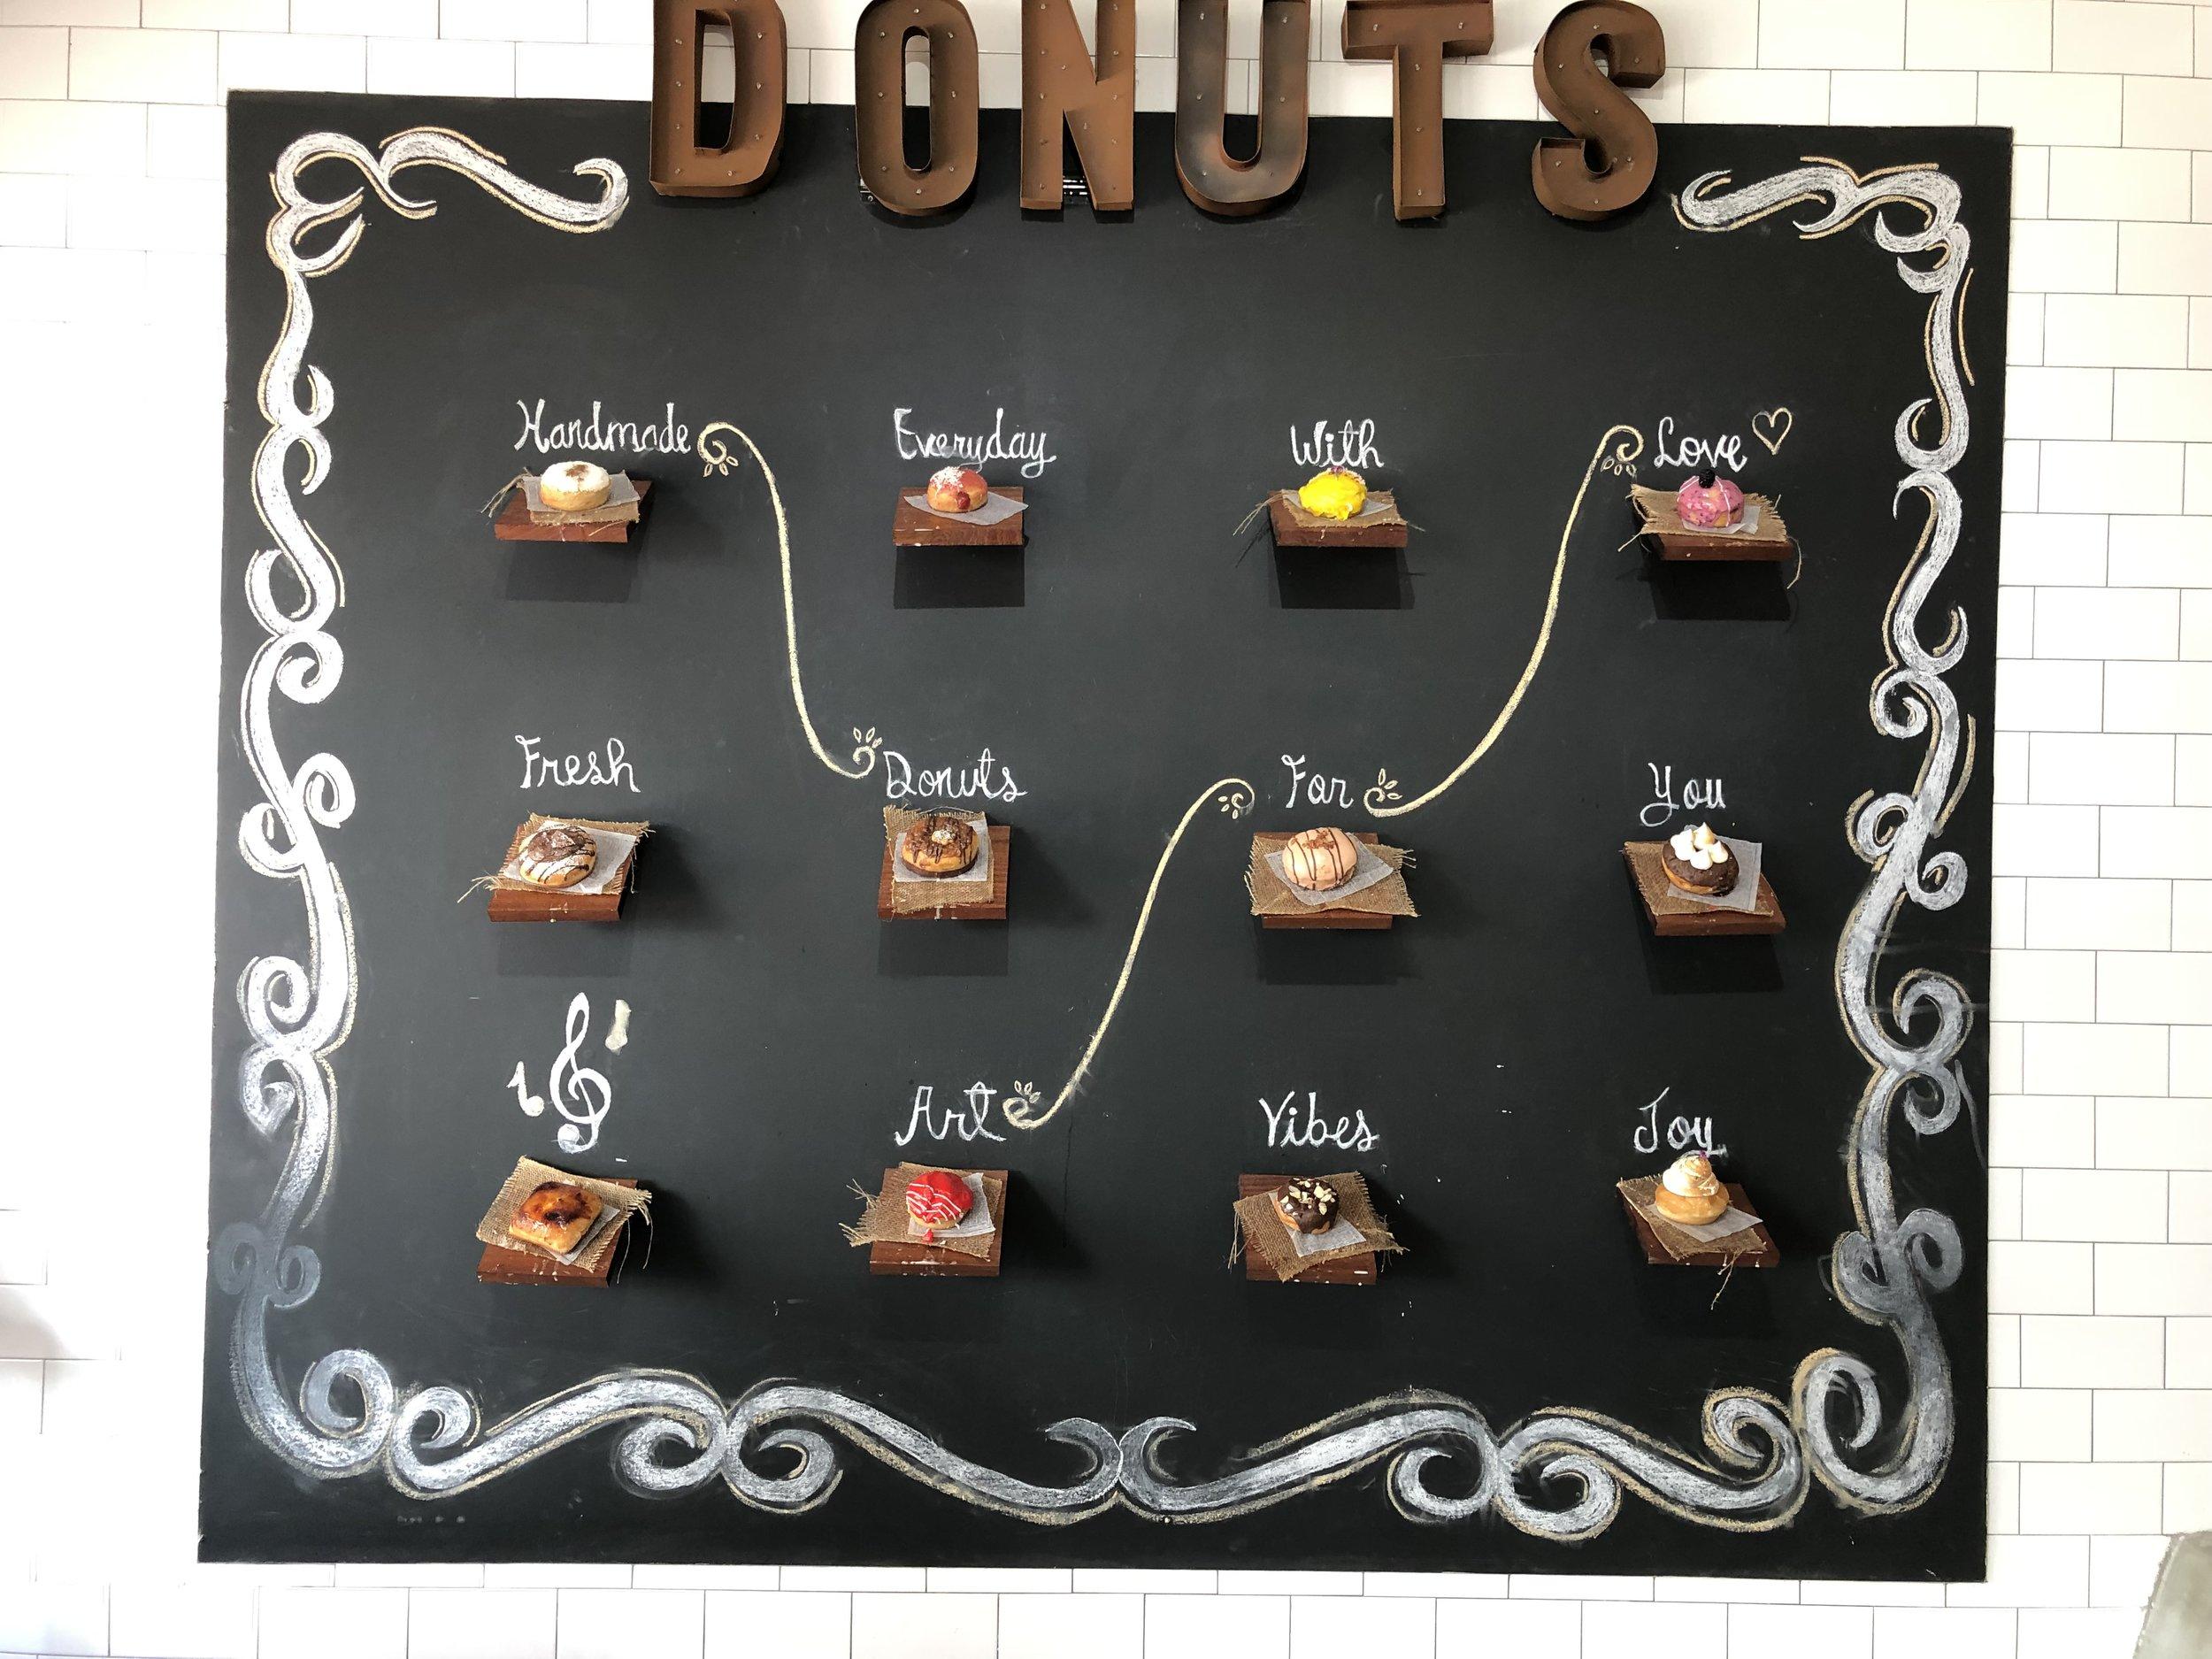 donuts2.jpeg